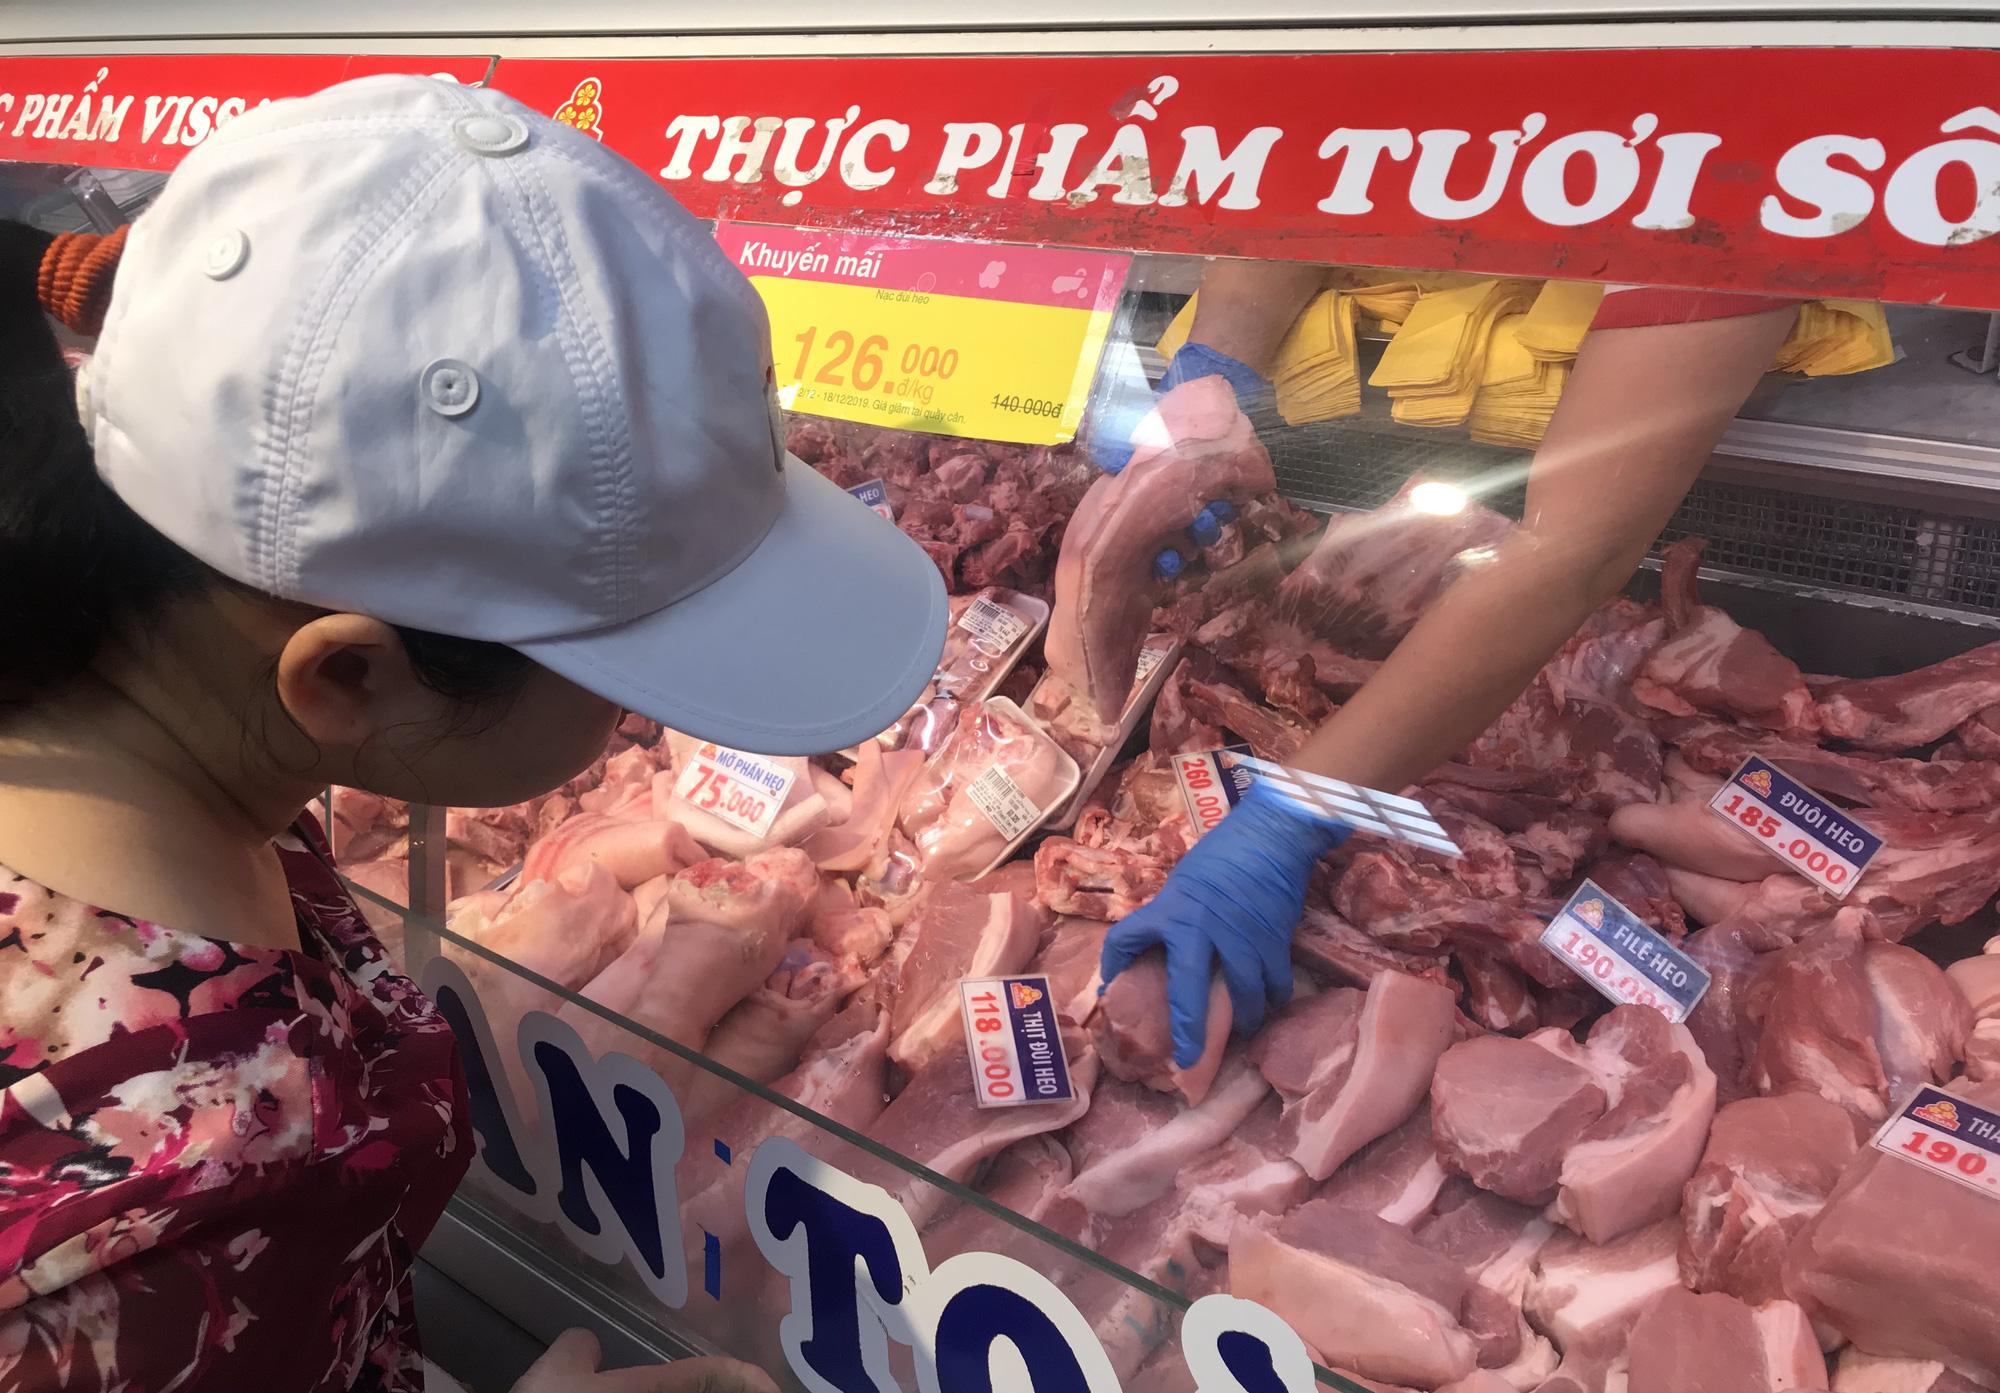 Bộ Nông nghiệp: Nếu doanh nghiệp không giảm giá thịt heo sẽ tính toán mở cửa, tăng cường nhập từ nhiều nước - Ảnh 2.